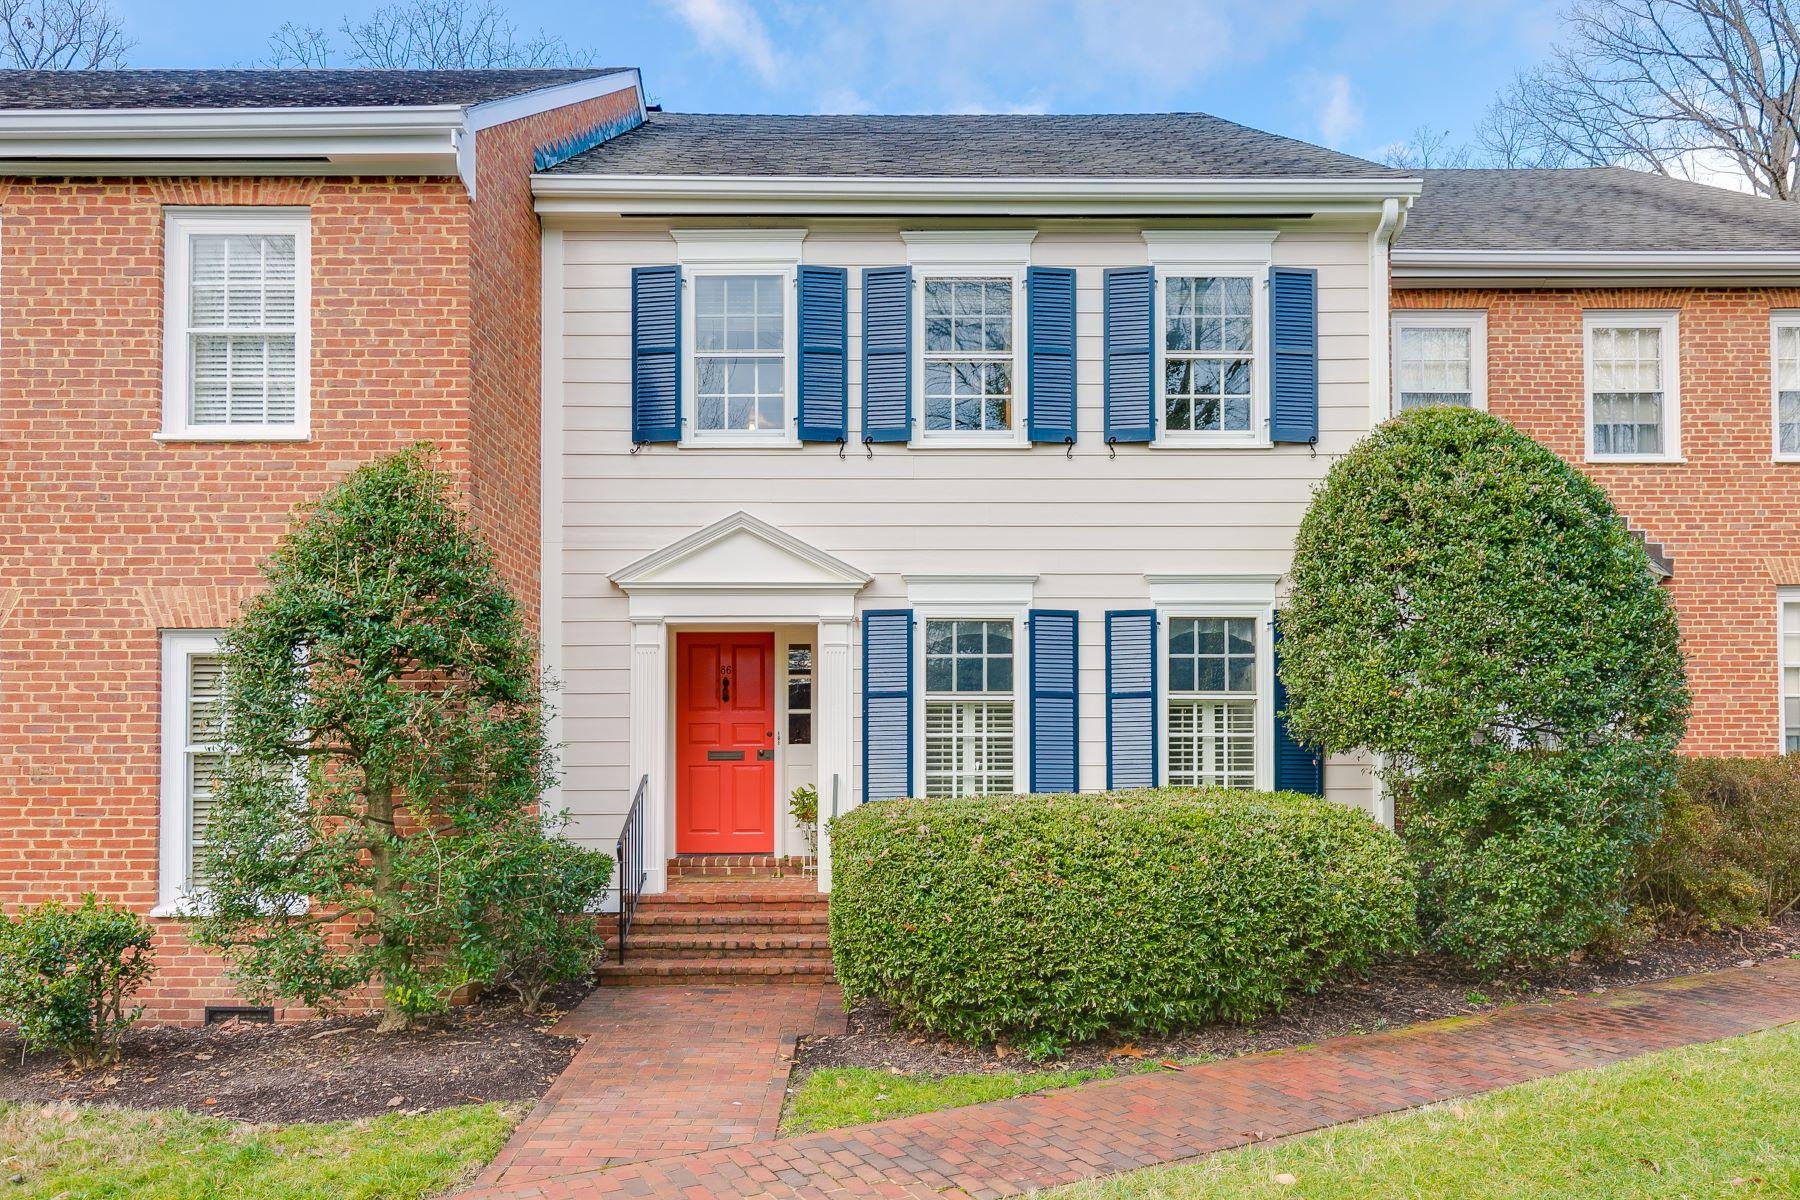 共管式独立产权公寓 为 销售 在 300 Ridge Road 86, Henrico 300 Ridge Rd 86 Henrico, 弗吉尼亚州, 23229 美国